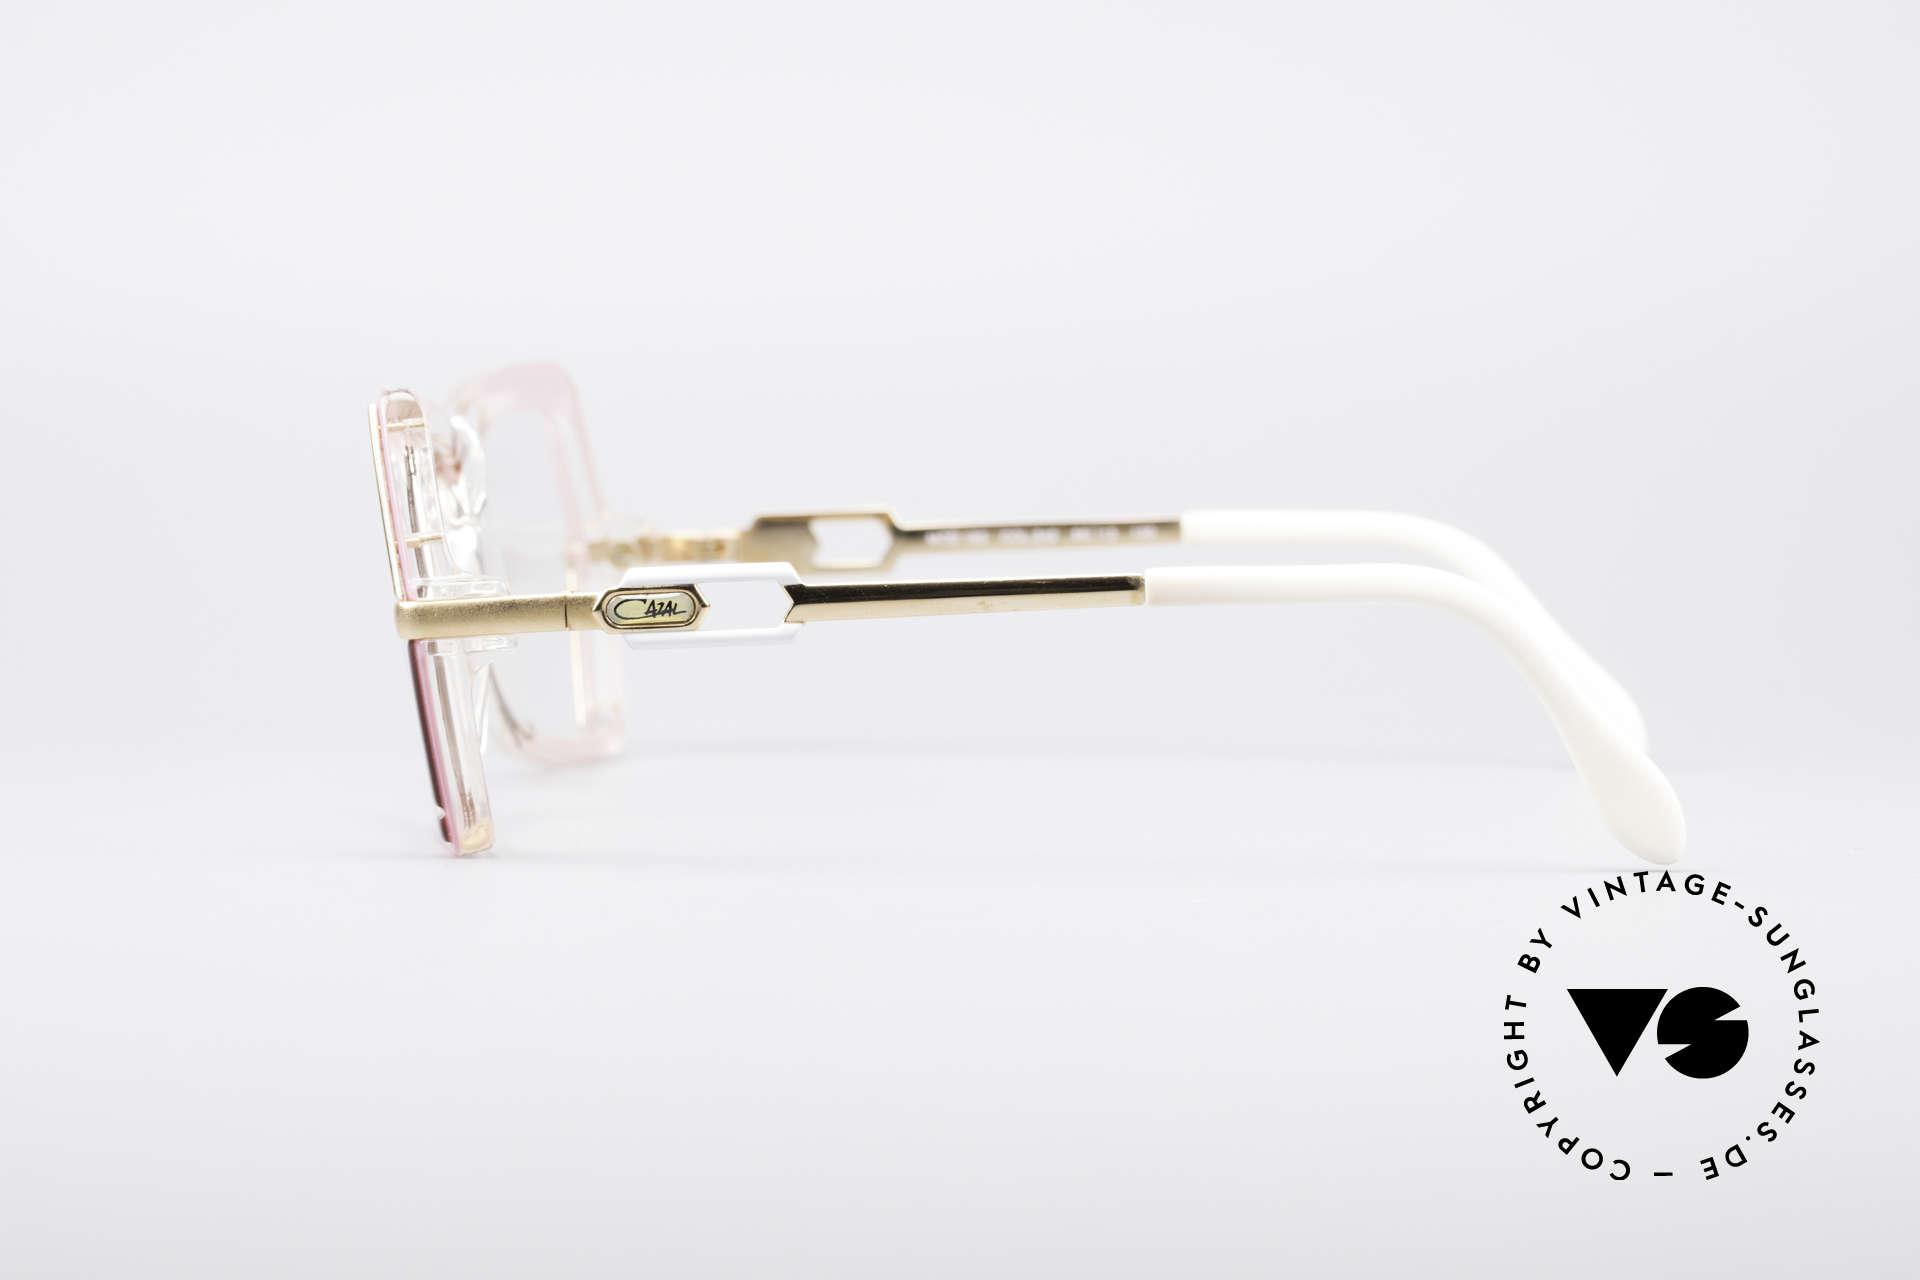 Cazal 183 80er Brille No Retrobrille, Fassung ist natürlich für optische Gläser gemacht, Passend für Damen